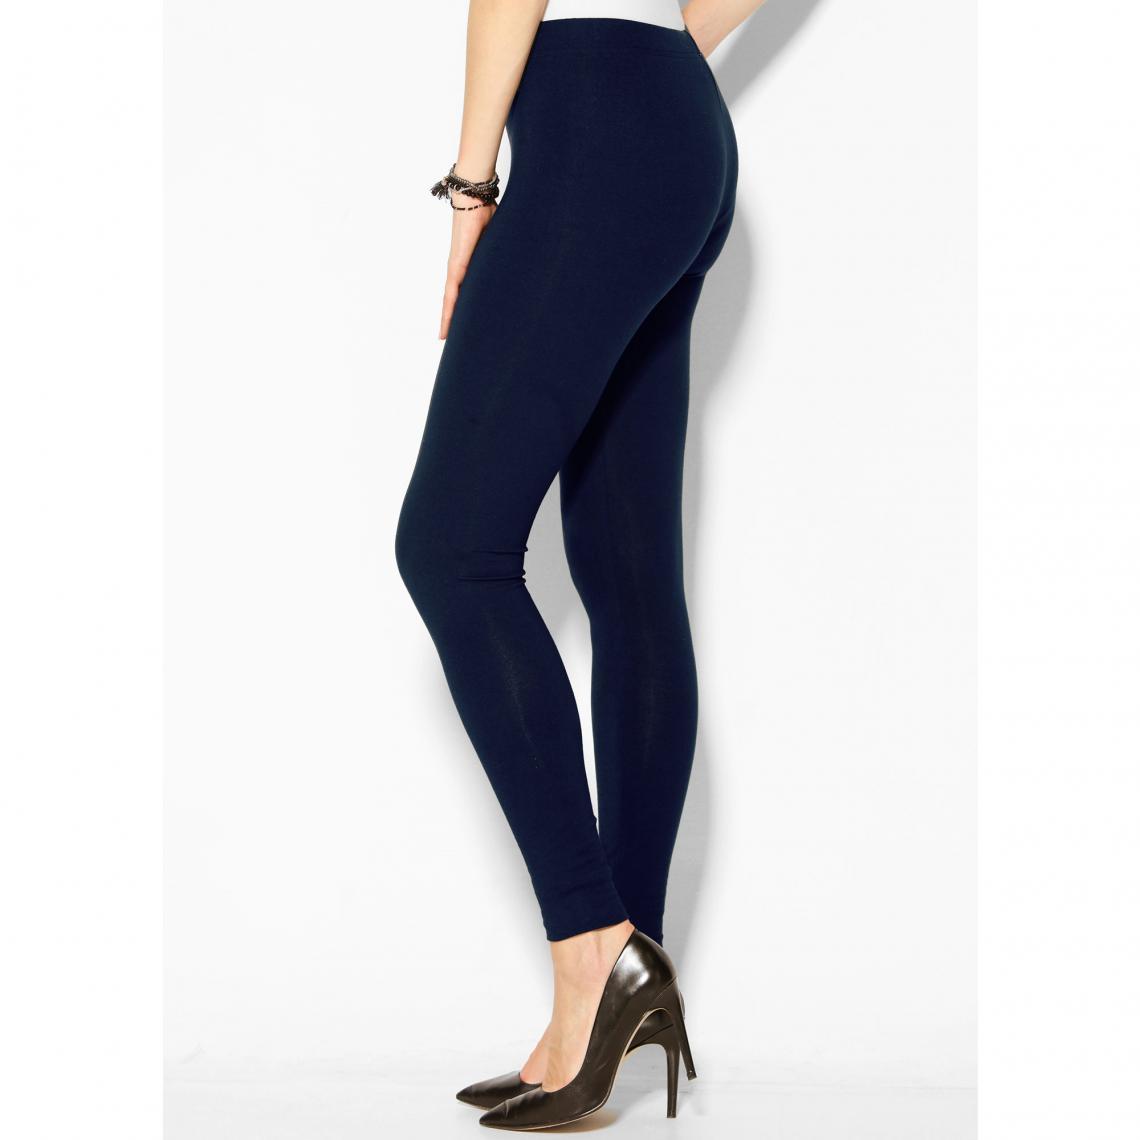 Legging uni sans coutures taille élastique femme Bleu 40 Avis Plus de détails